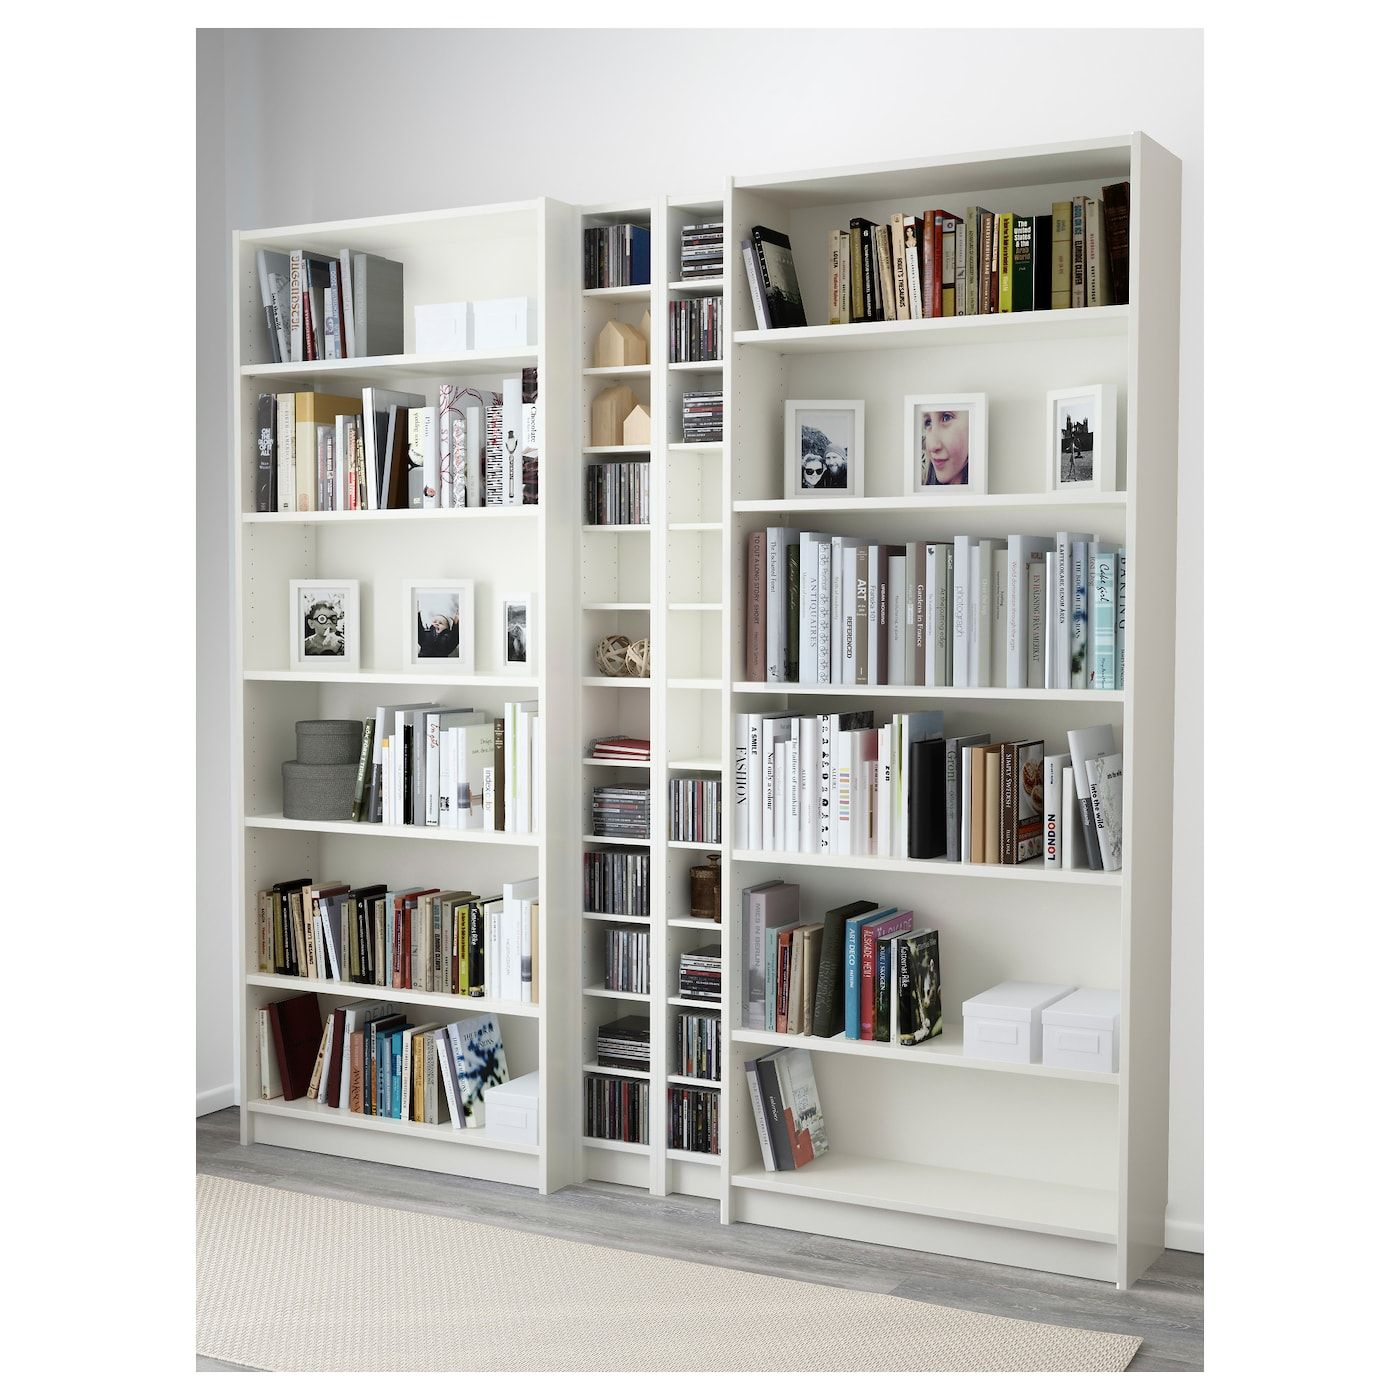 Billy Gnedby Bucherregal Weiss Ikea Deutschland Ikea Billy Bookcase White White Bookcase Bookcase